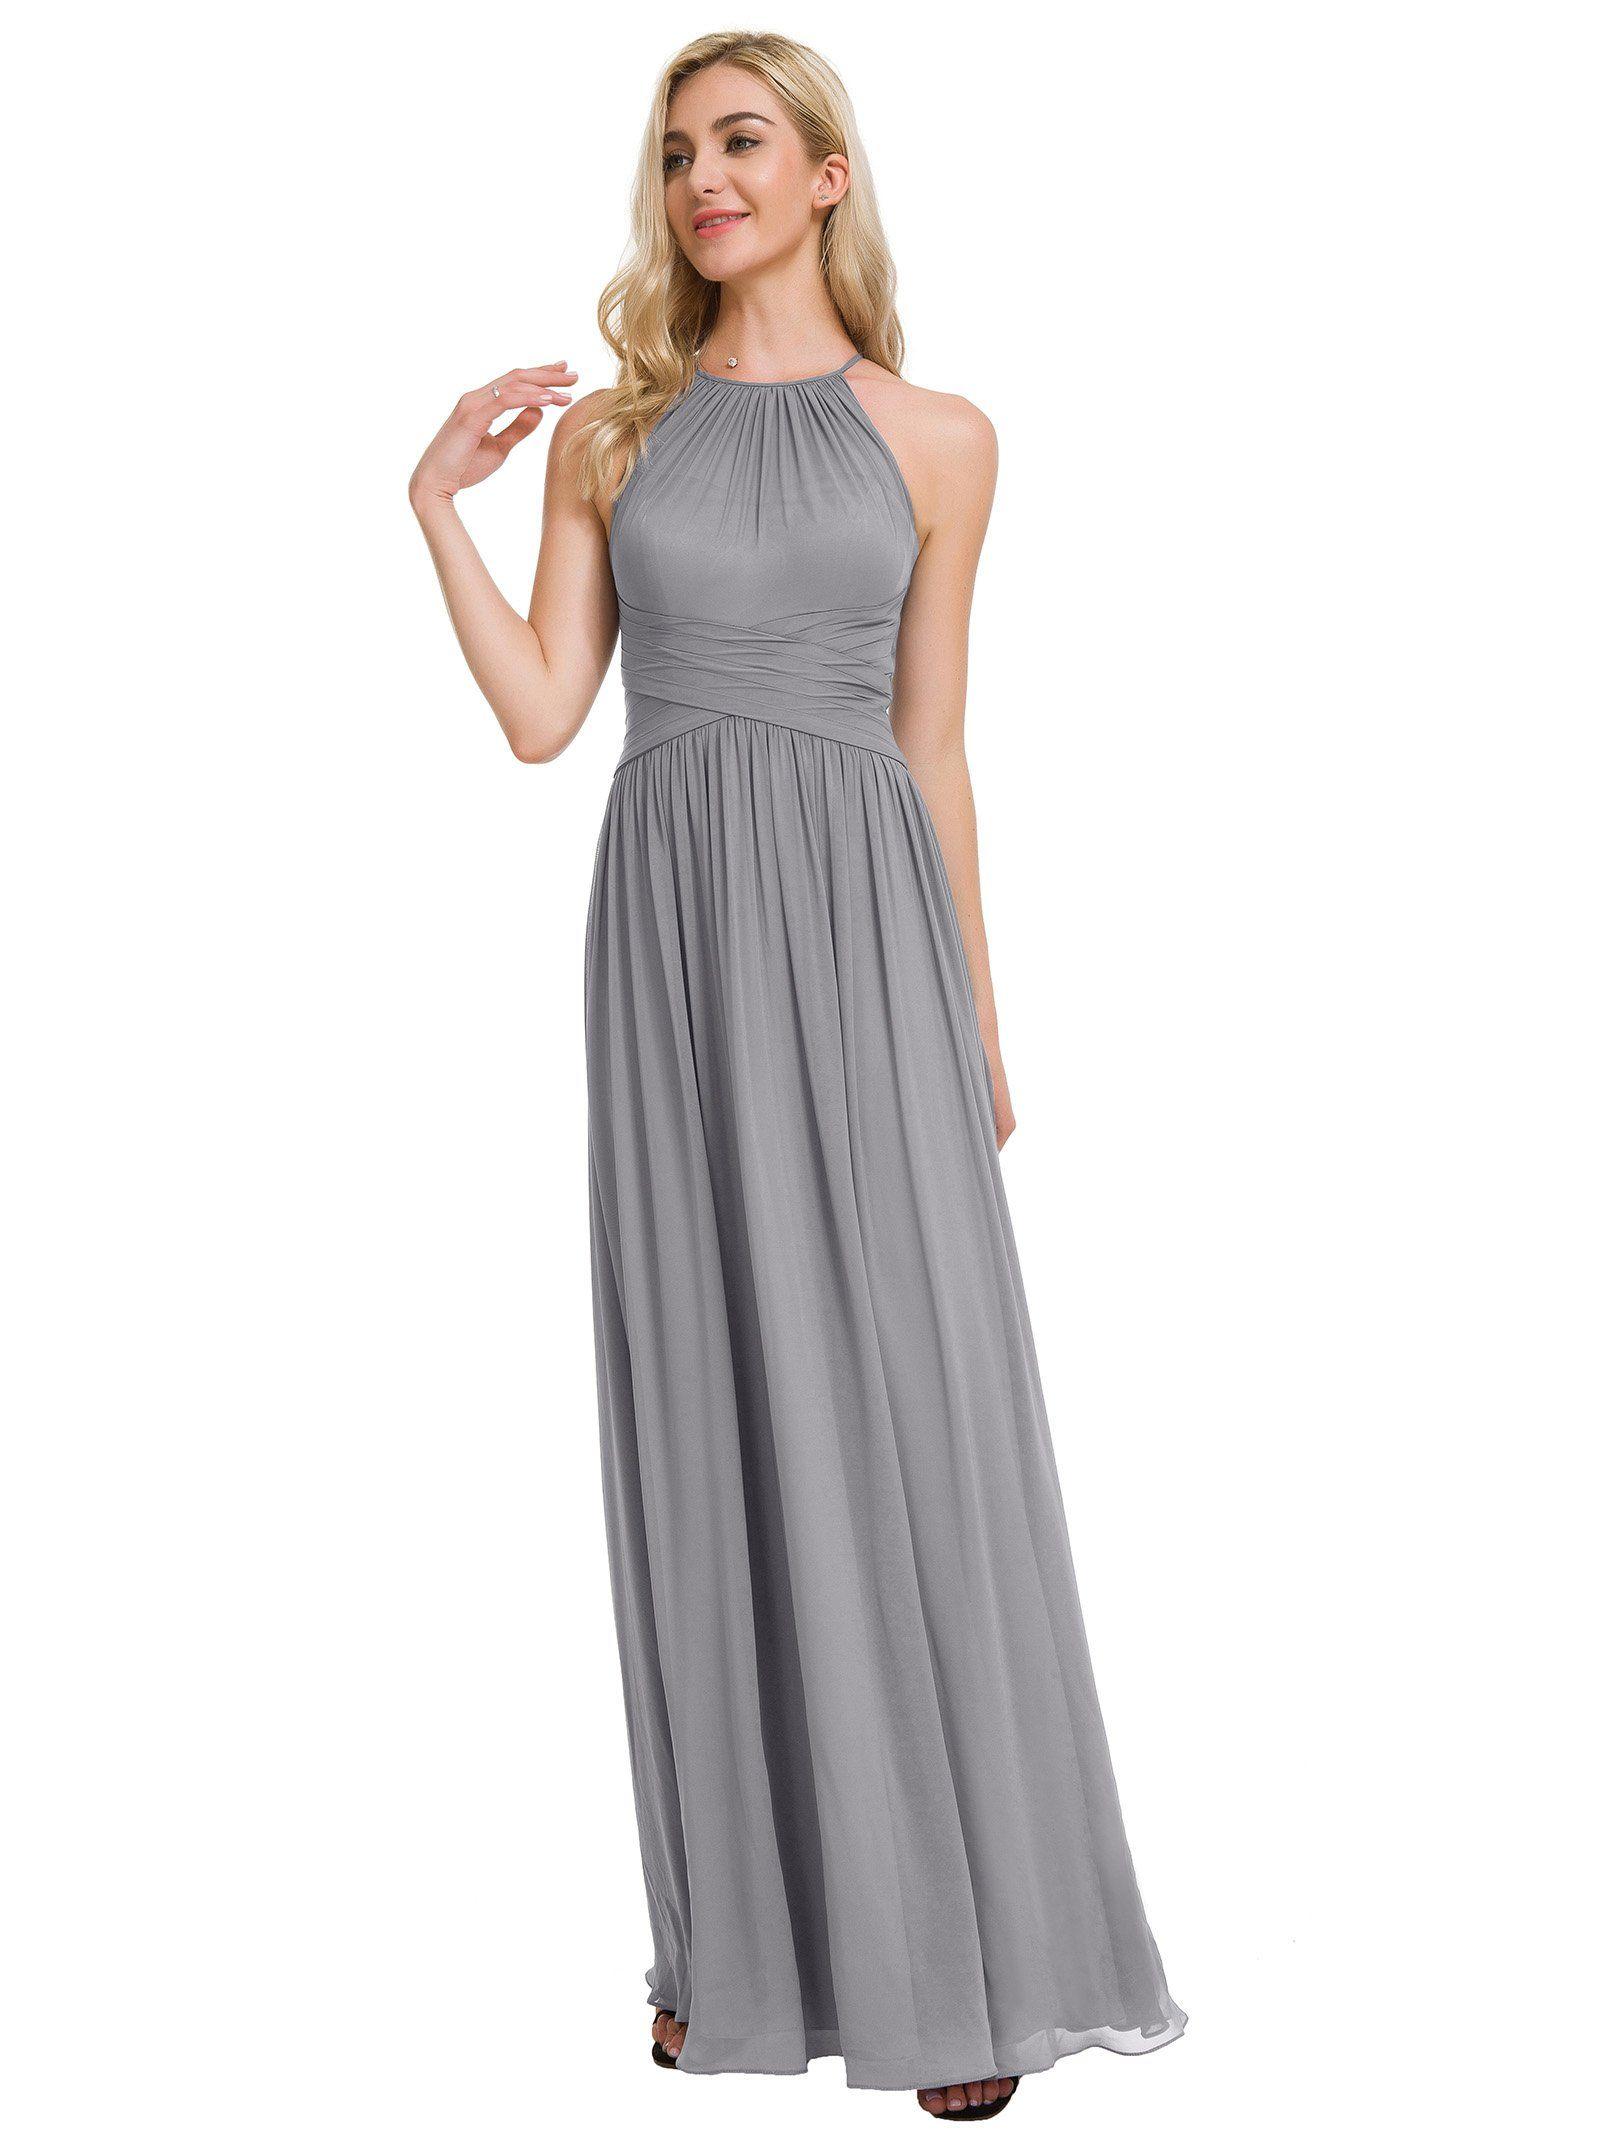 de1abc8c2d5 Alicepub Halter Chiffon Bridesmaid Dress Long Formal Event Dresses Party Prom  Gown Plus Size Taupe US26